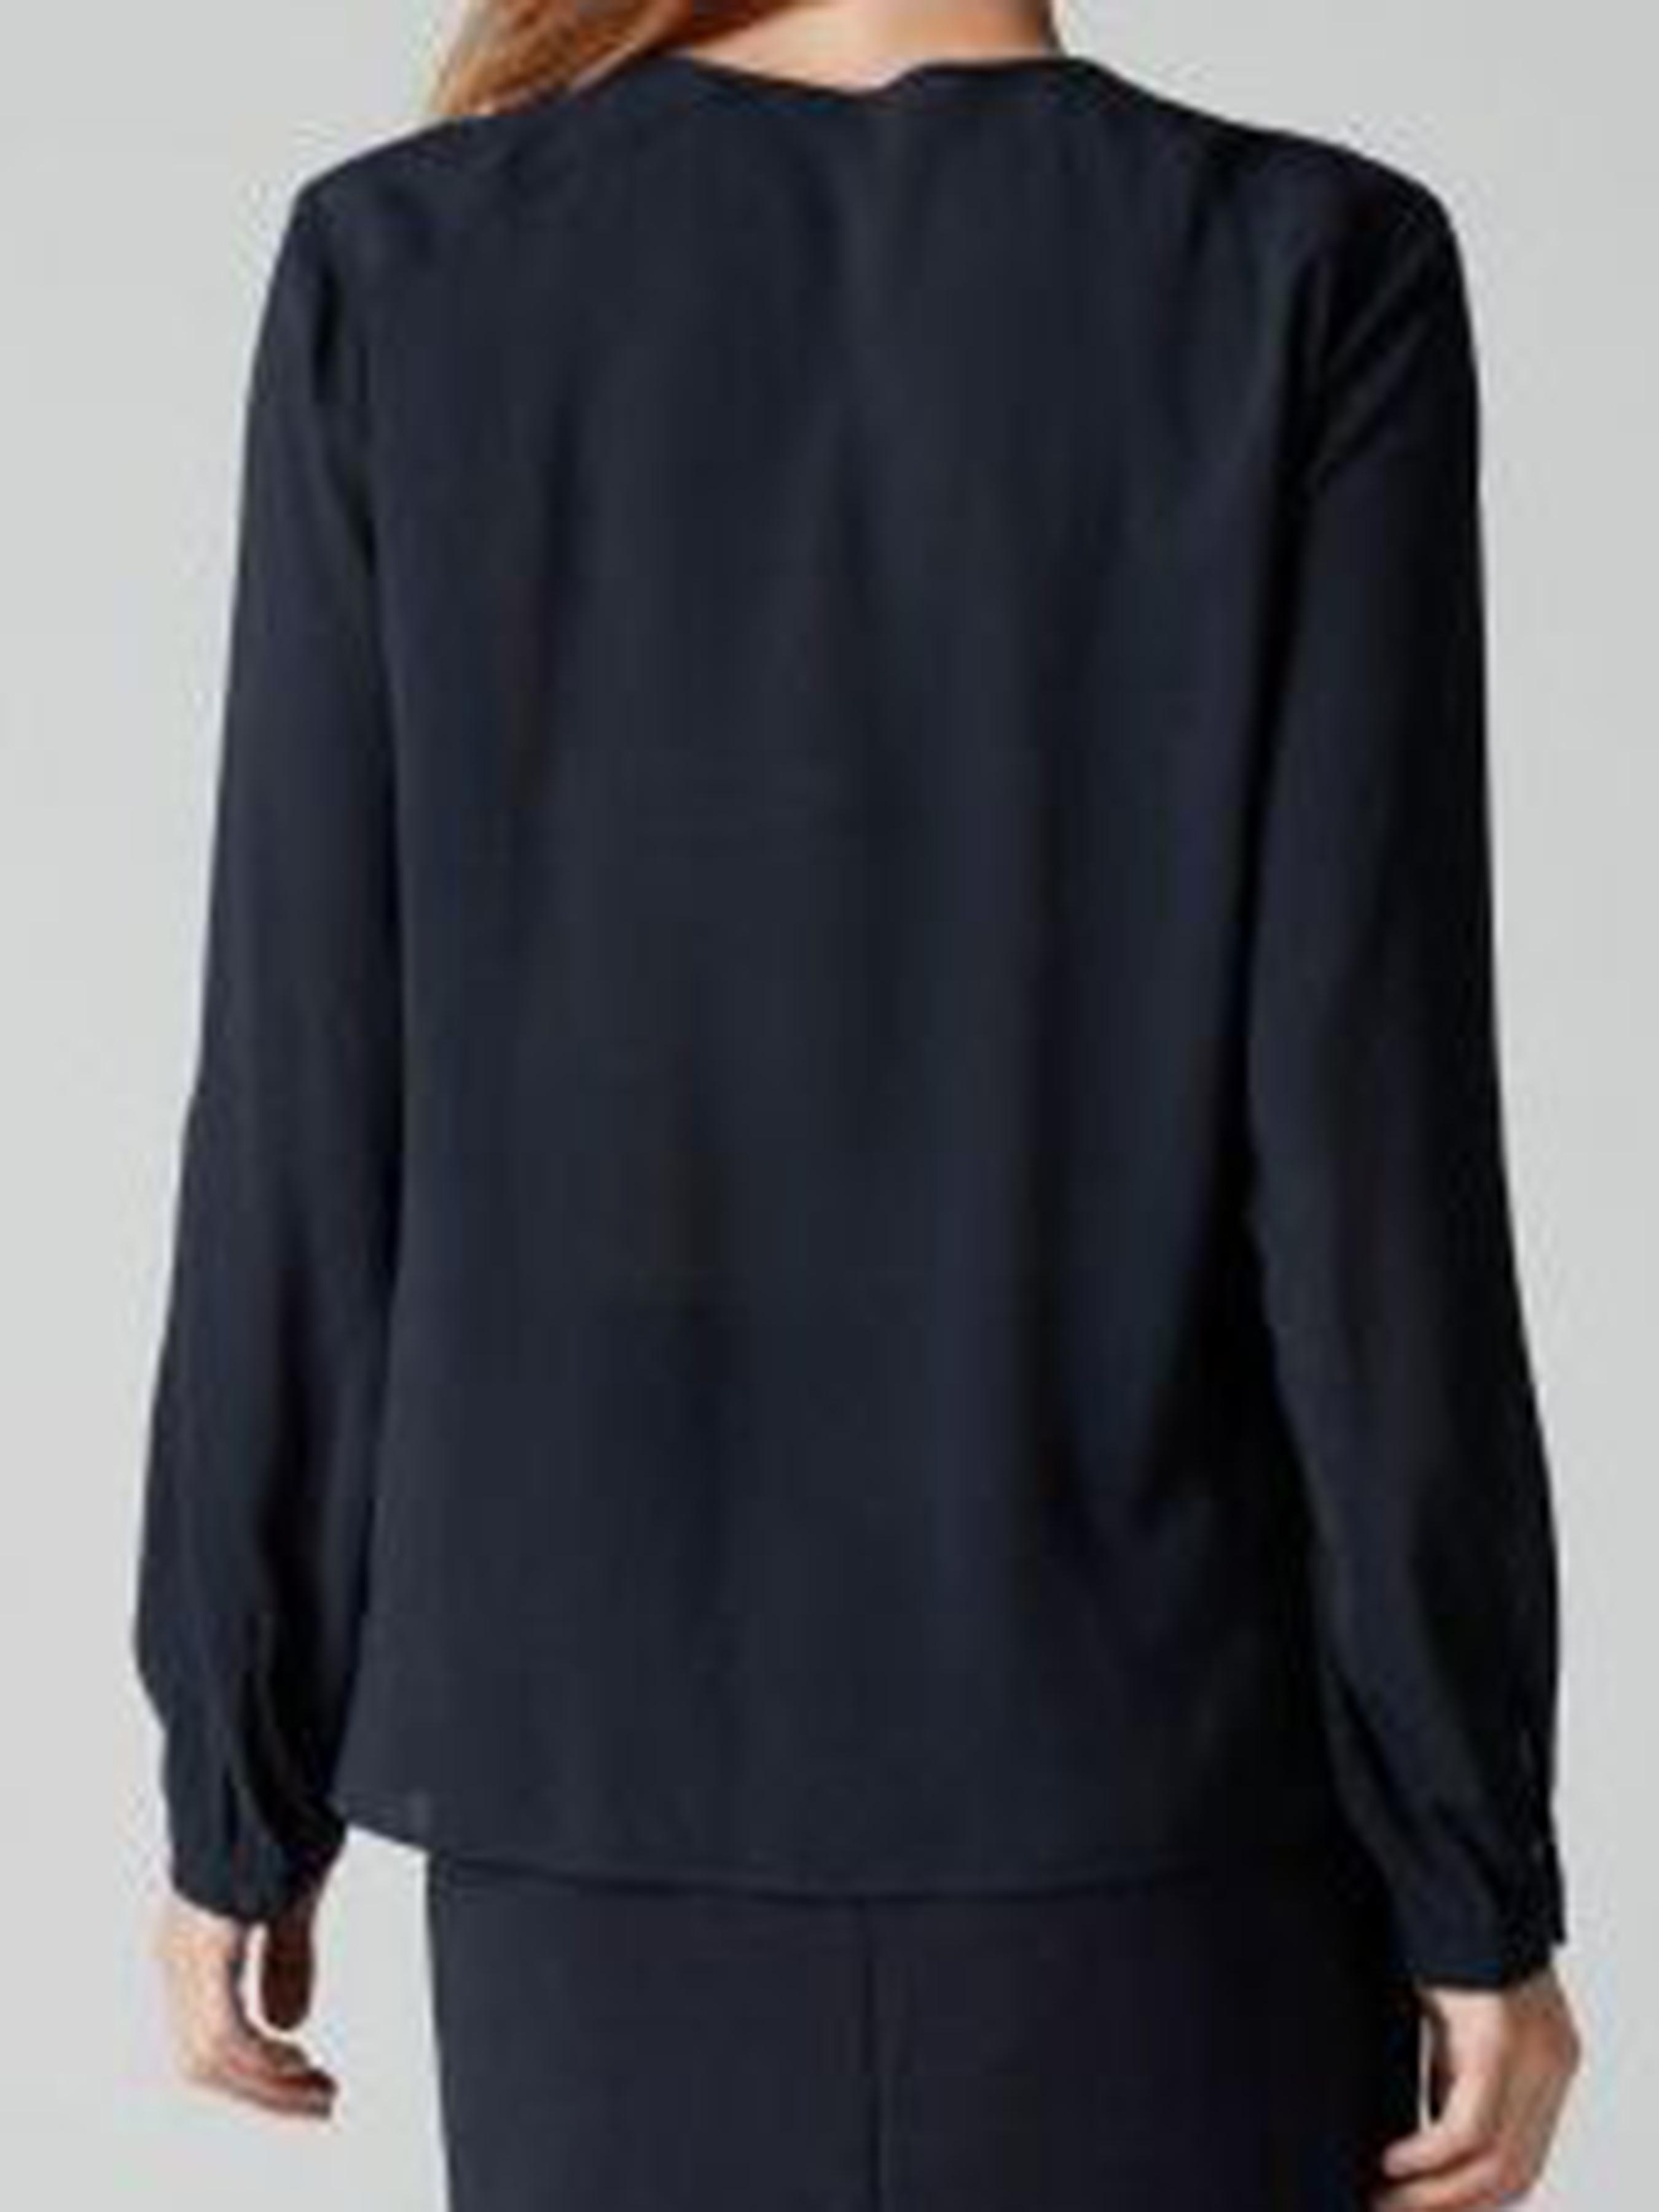 MARC O'POLO Блуза жіночі модель 800127542367-824 характеристики, 2017